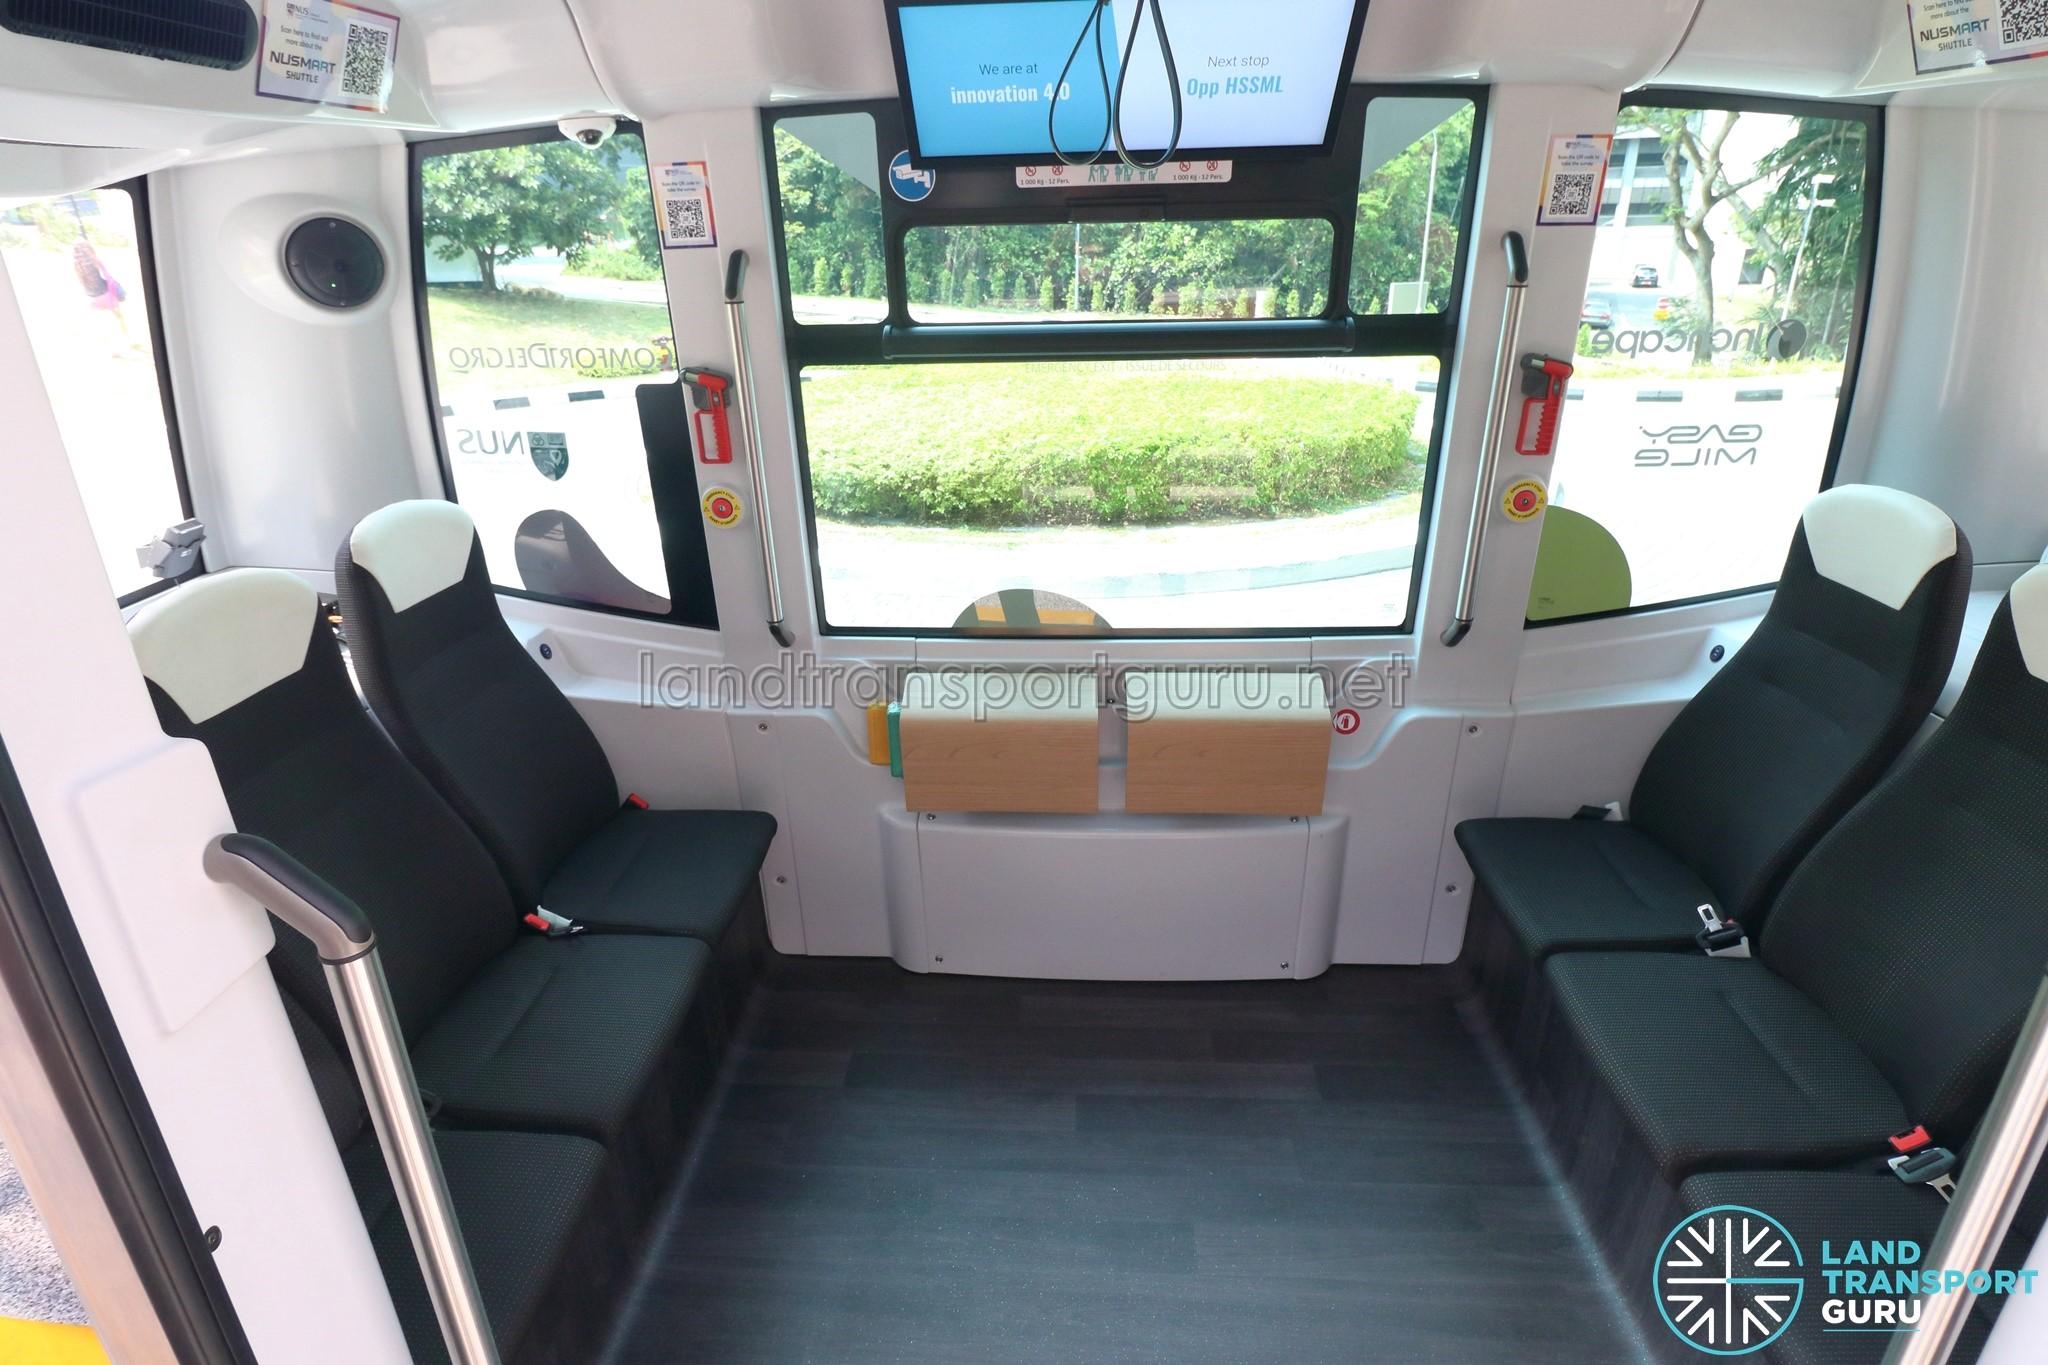 NUSmart Shuttle (Easymile EZ-10) - Full Interior